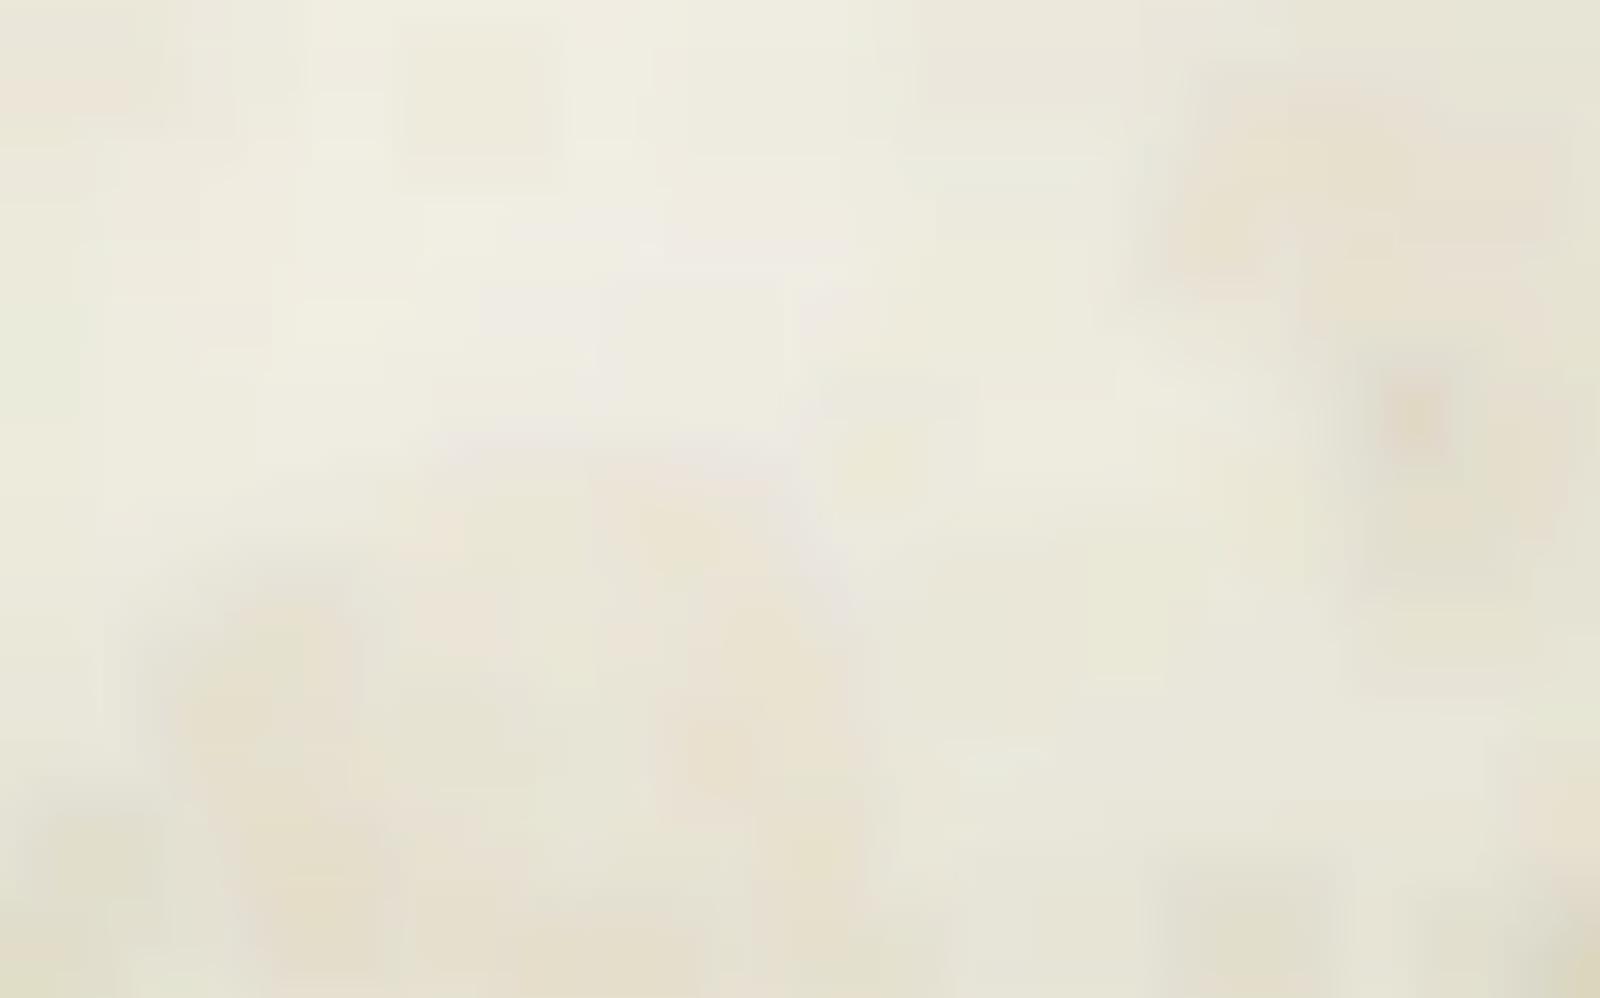 Gustav Klimt-Auf dem Rucken liegender Akt nach rechts-1905